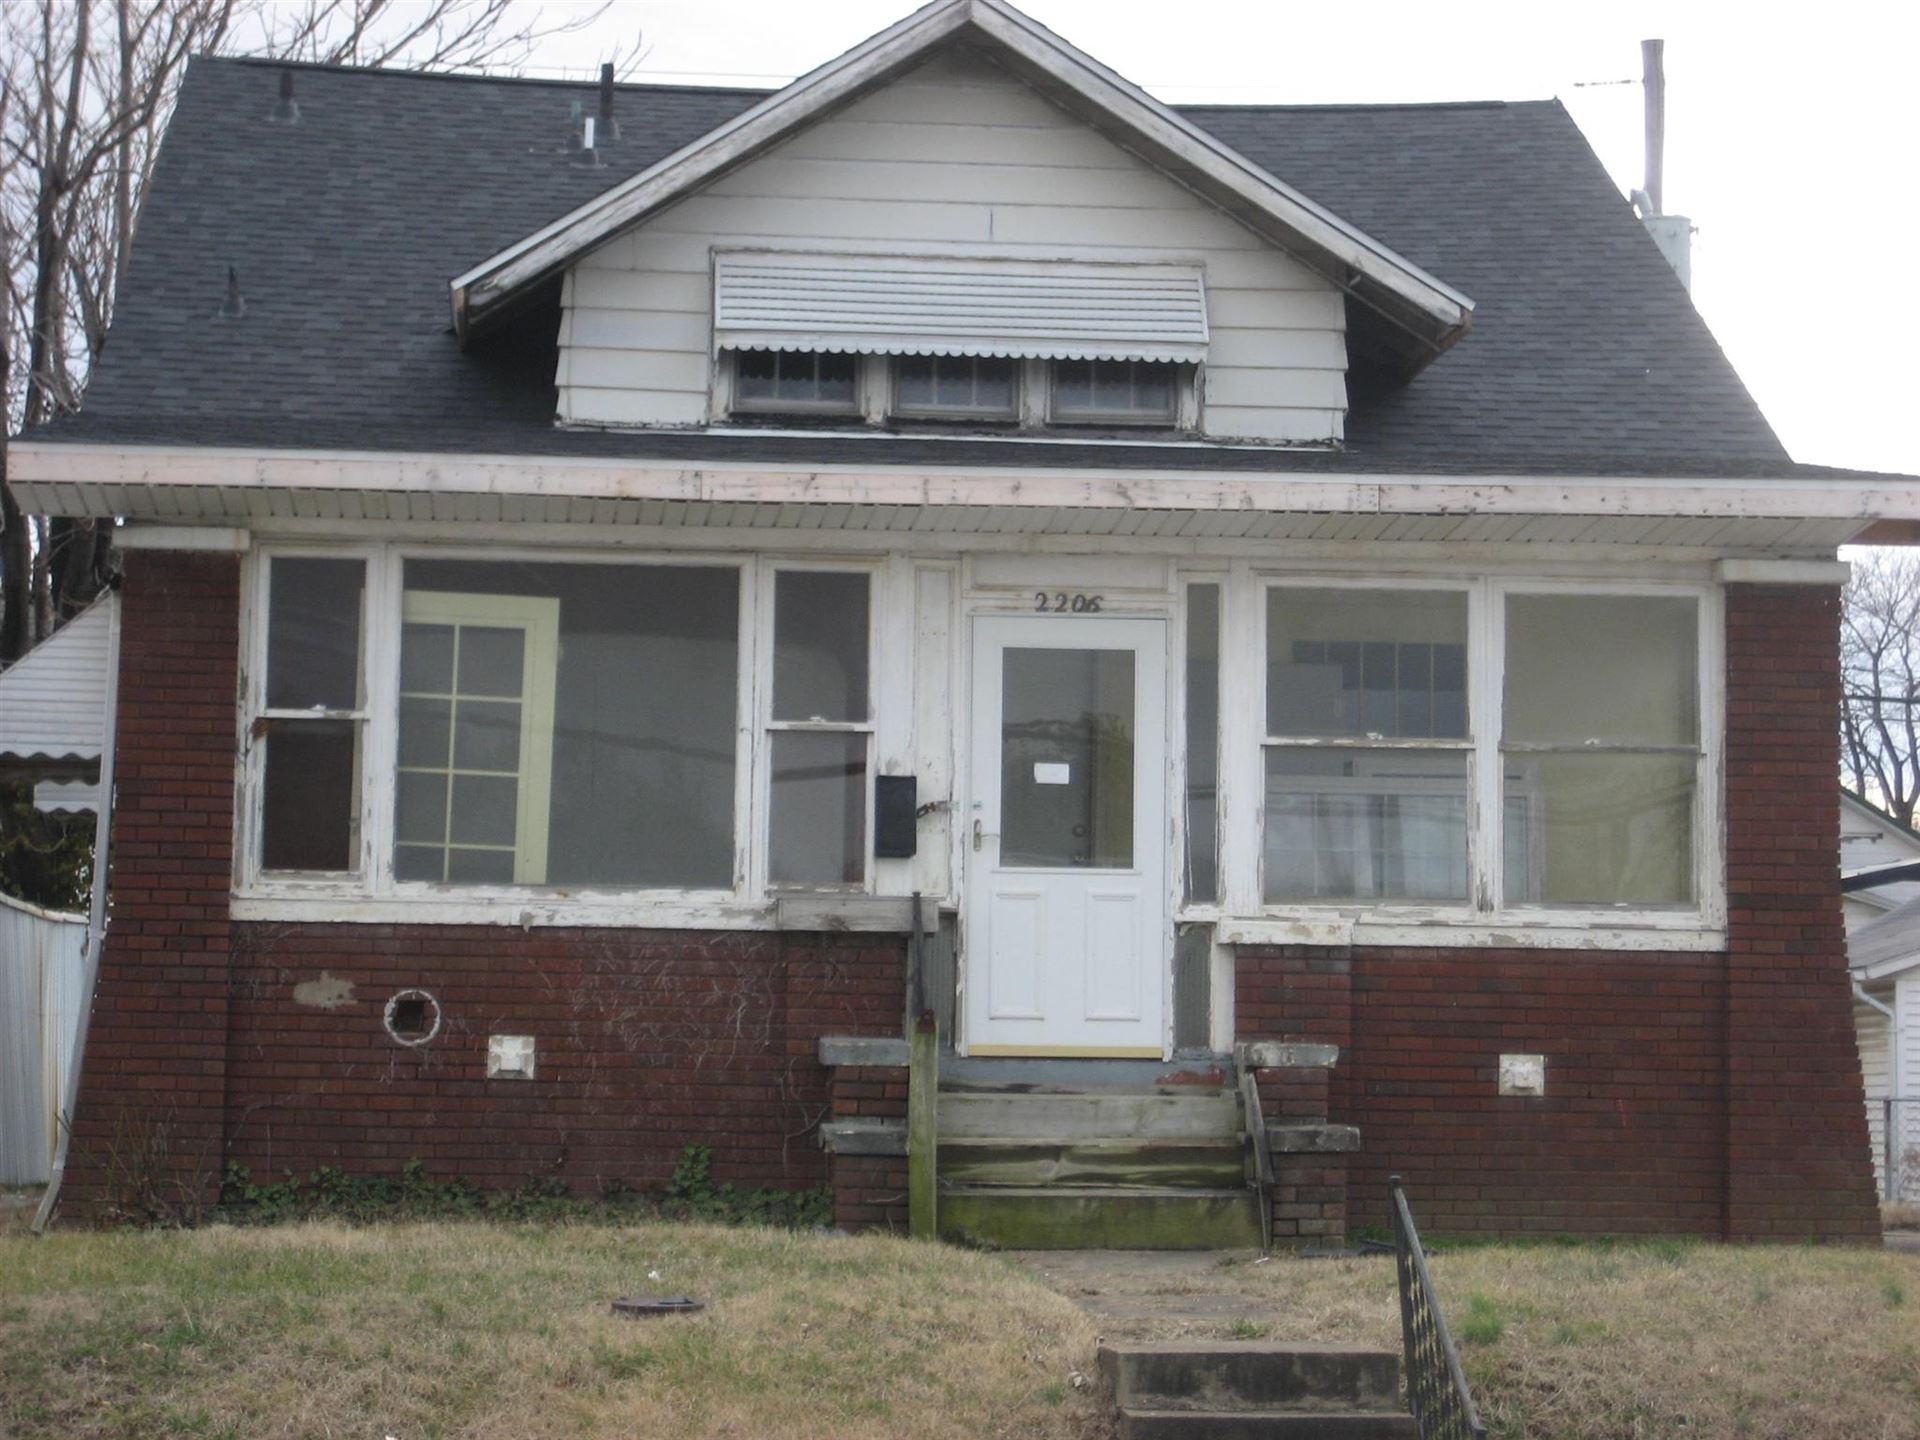 2206 W Maryland Street, Evansville, IN 47712 - #: 202004593